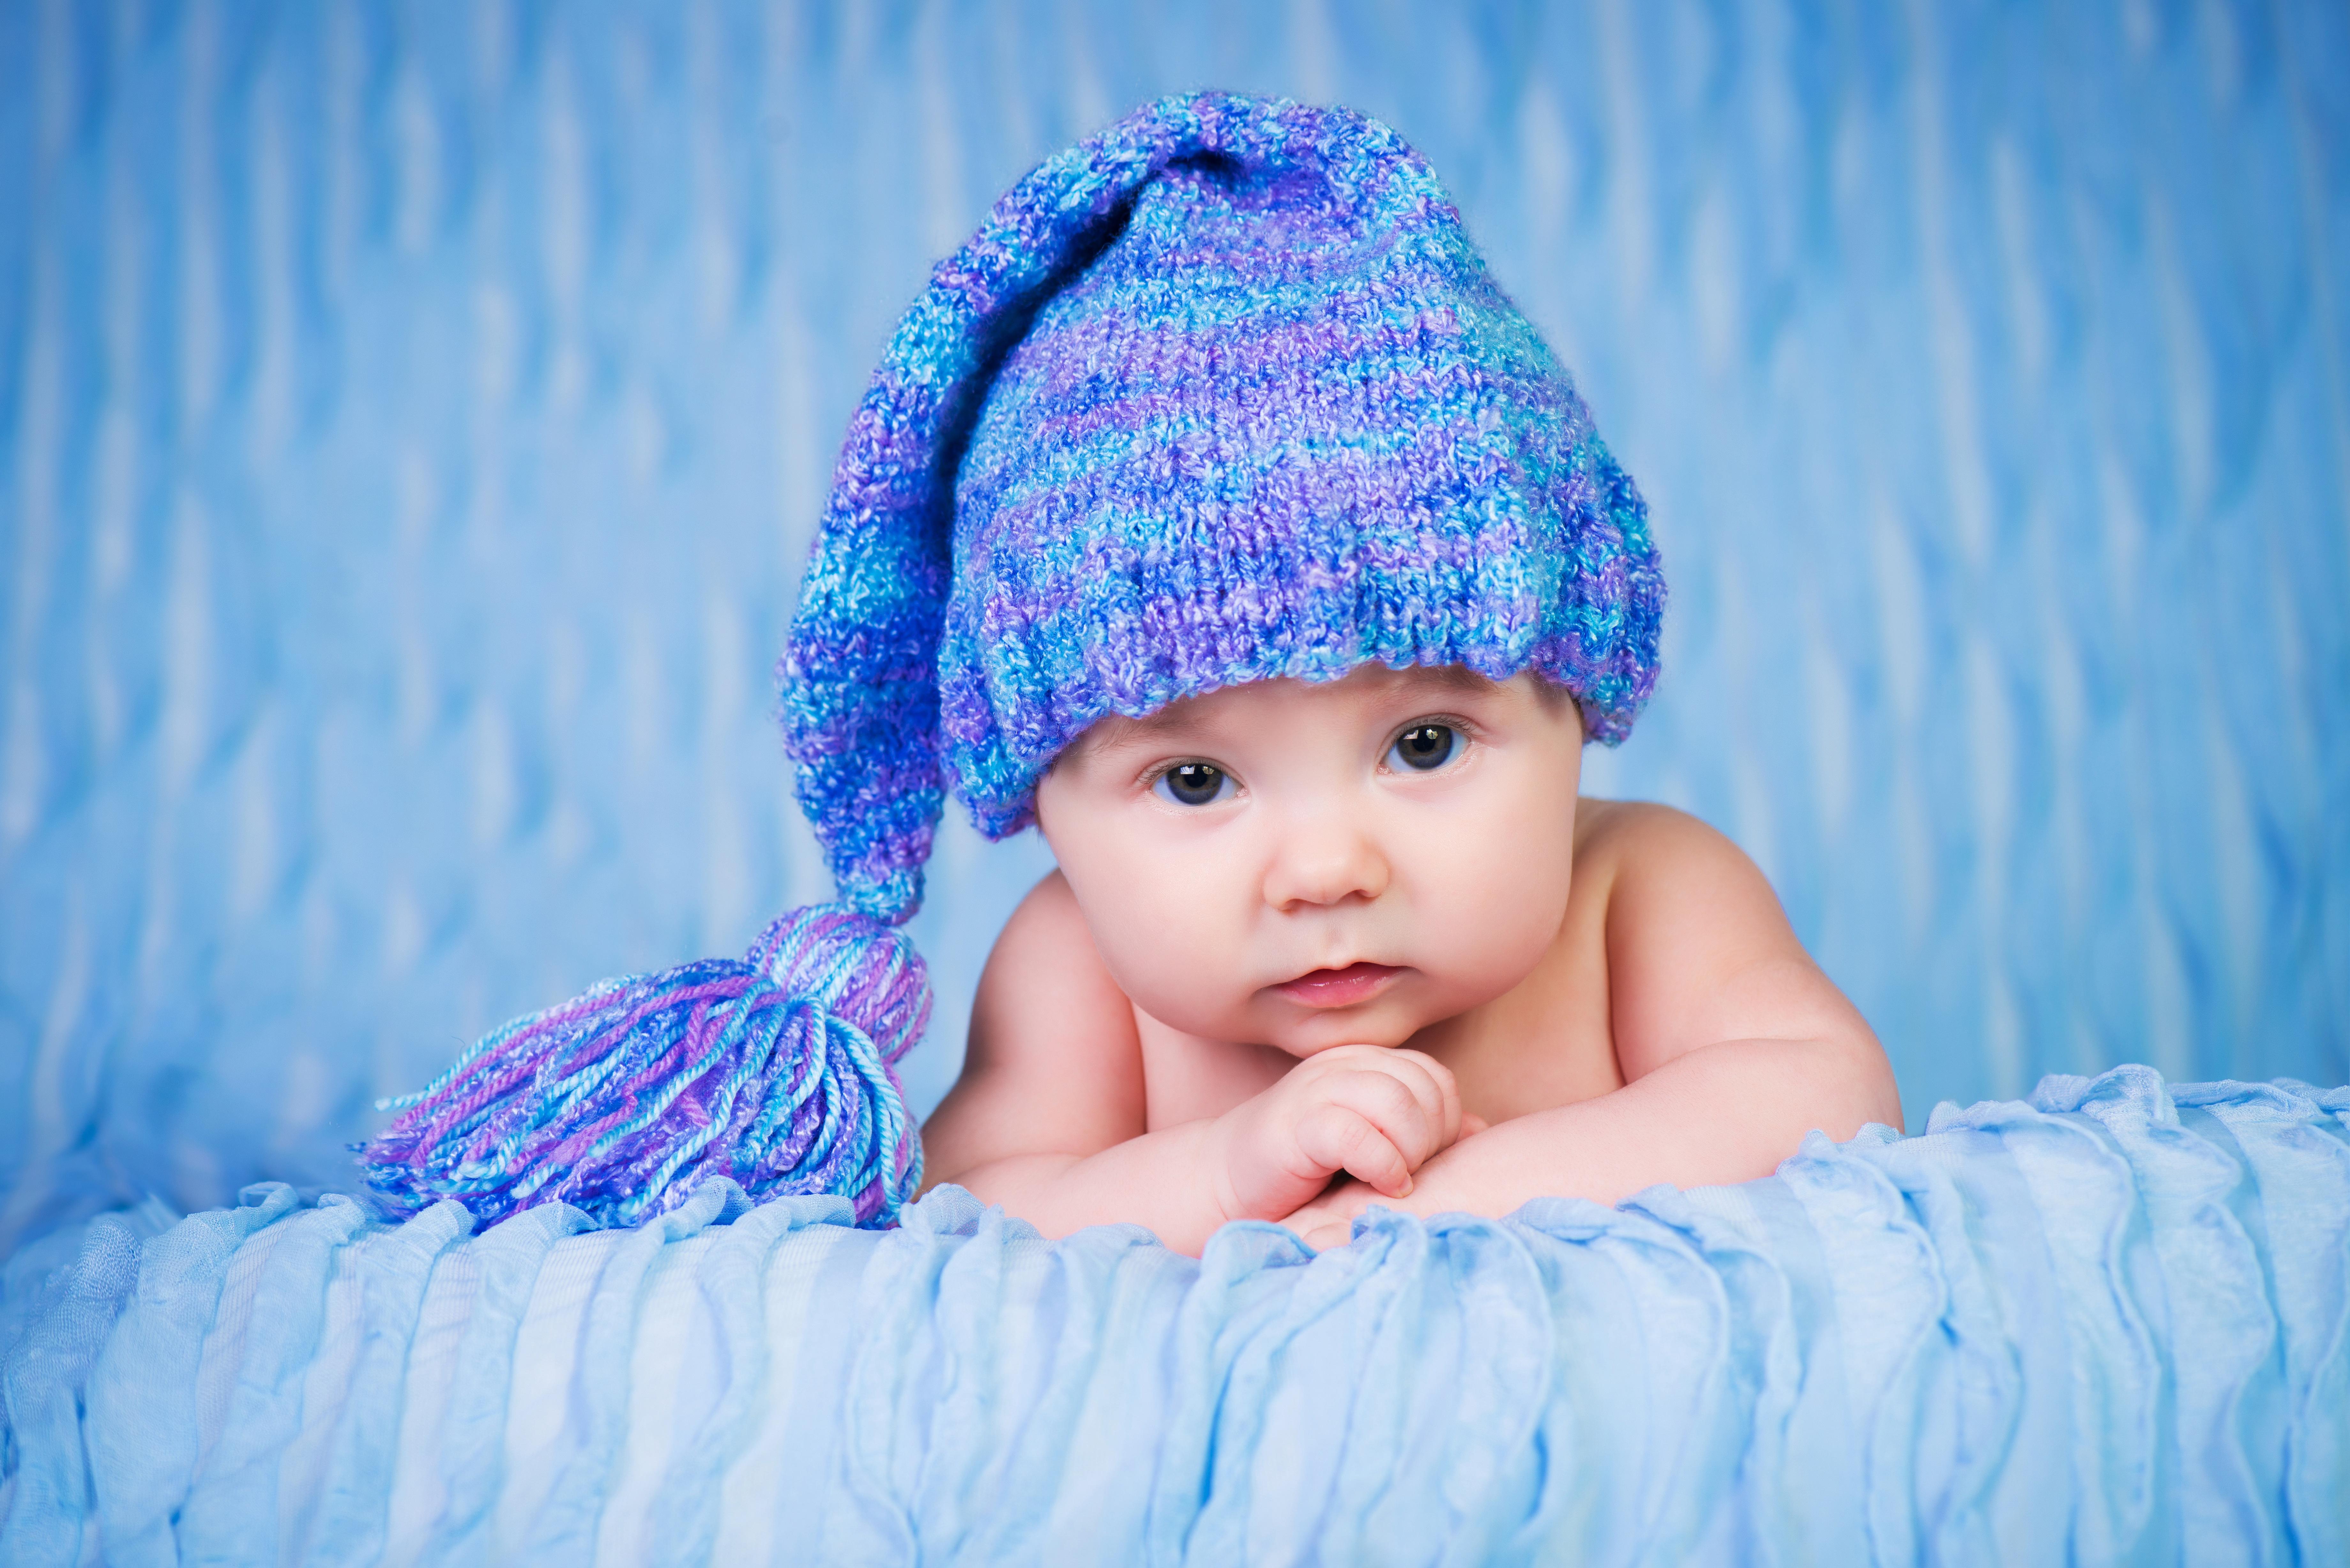 Девочка в вязаной шапочке  № 1821985 загрузить